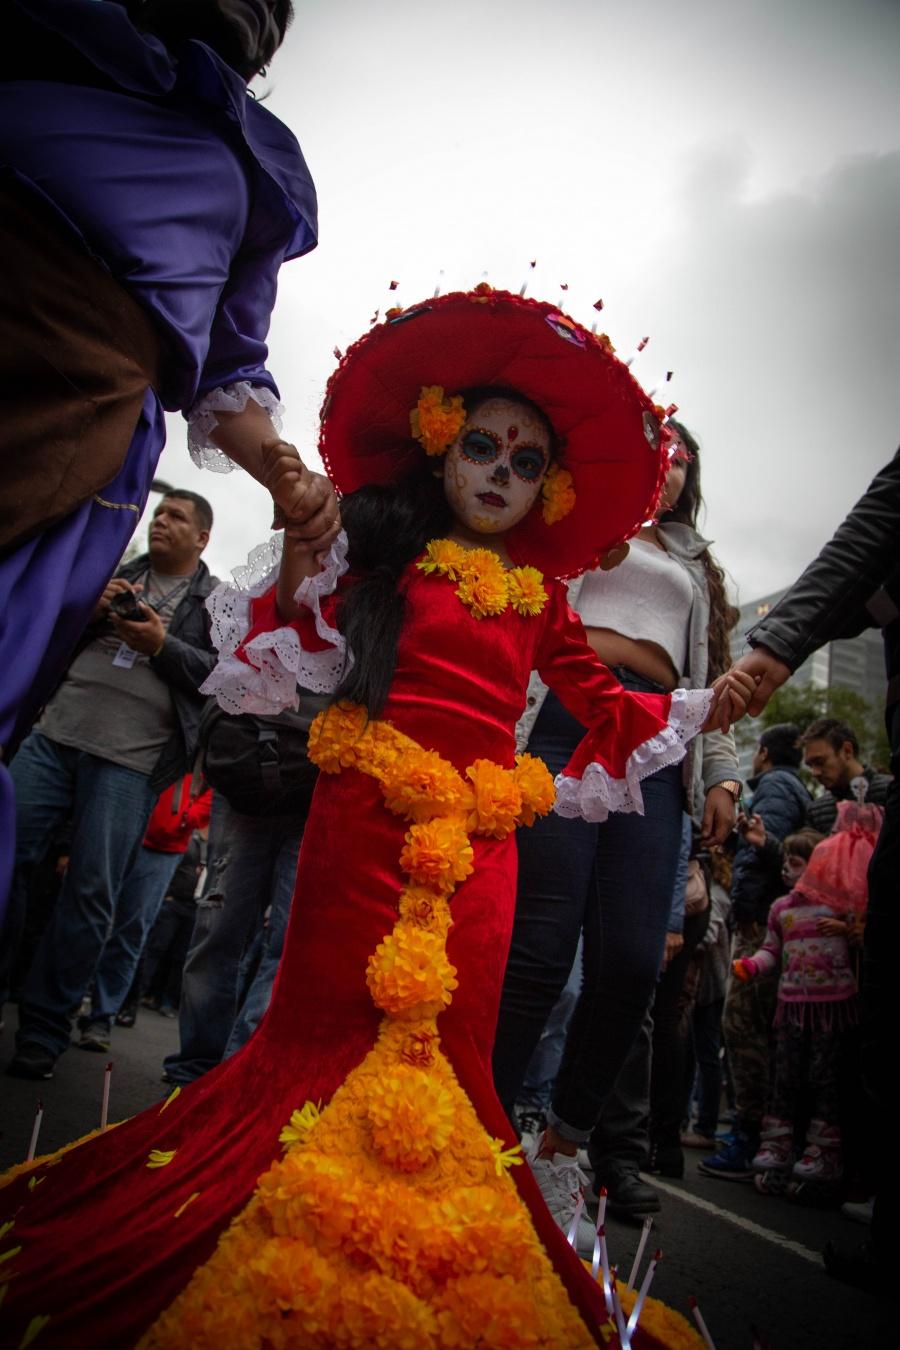 El 26 de octubre, la megaprocesión de Las Catrinas en la CDMX